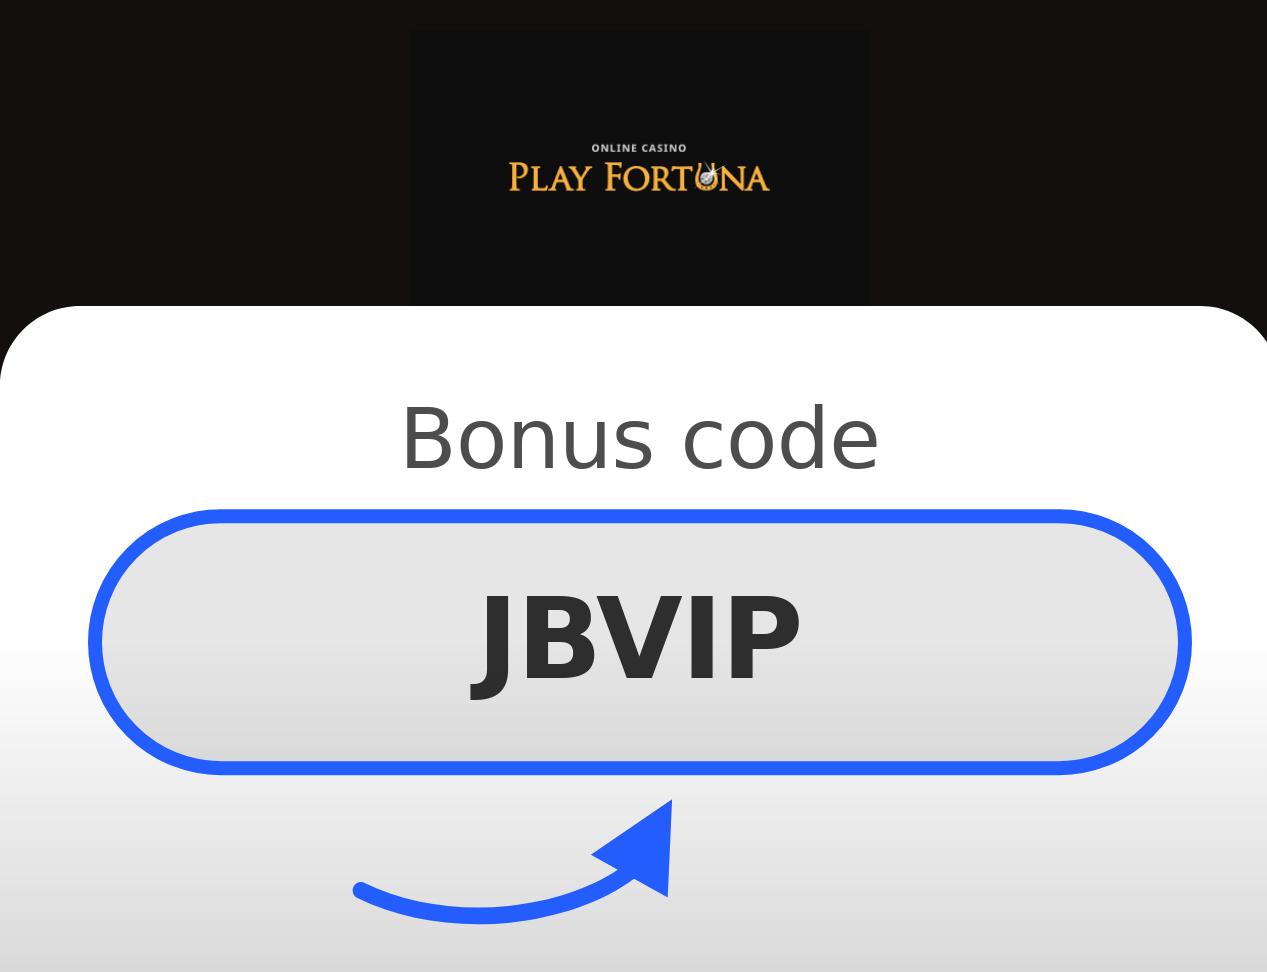 Play Fortuna Casino Bonus Code